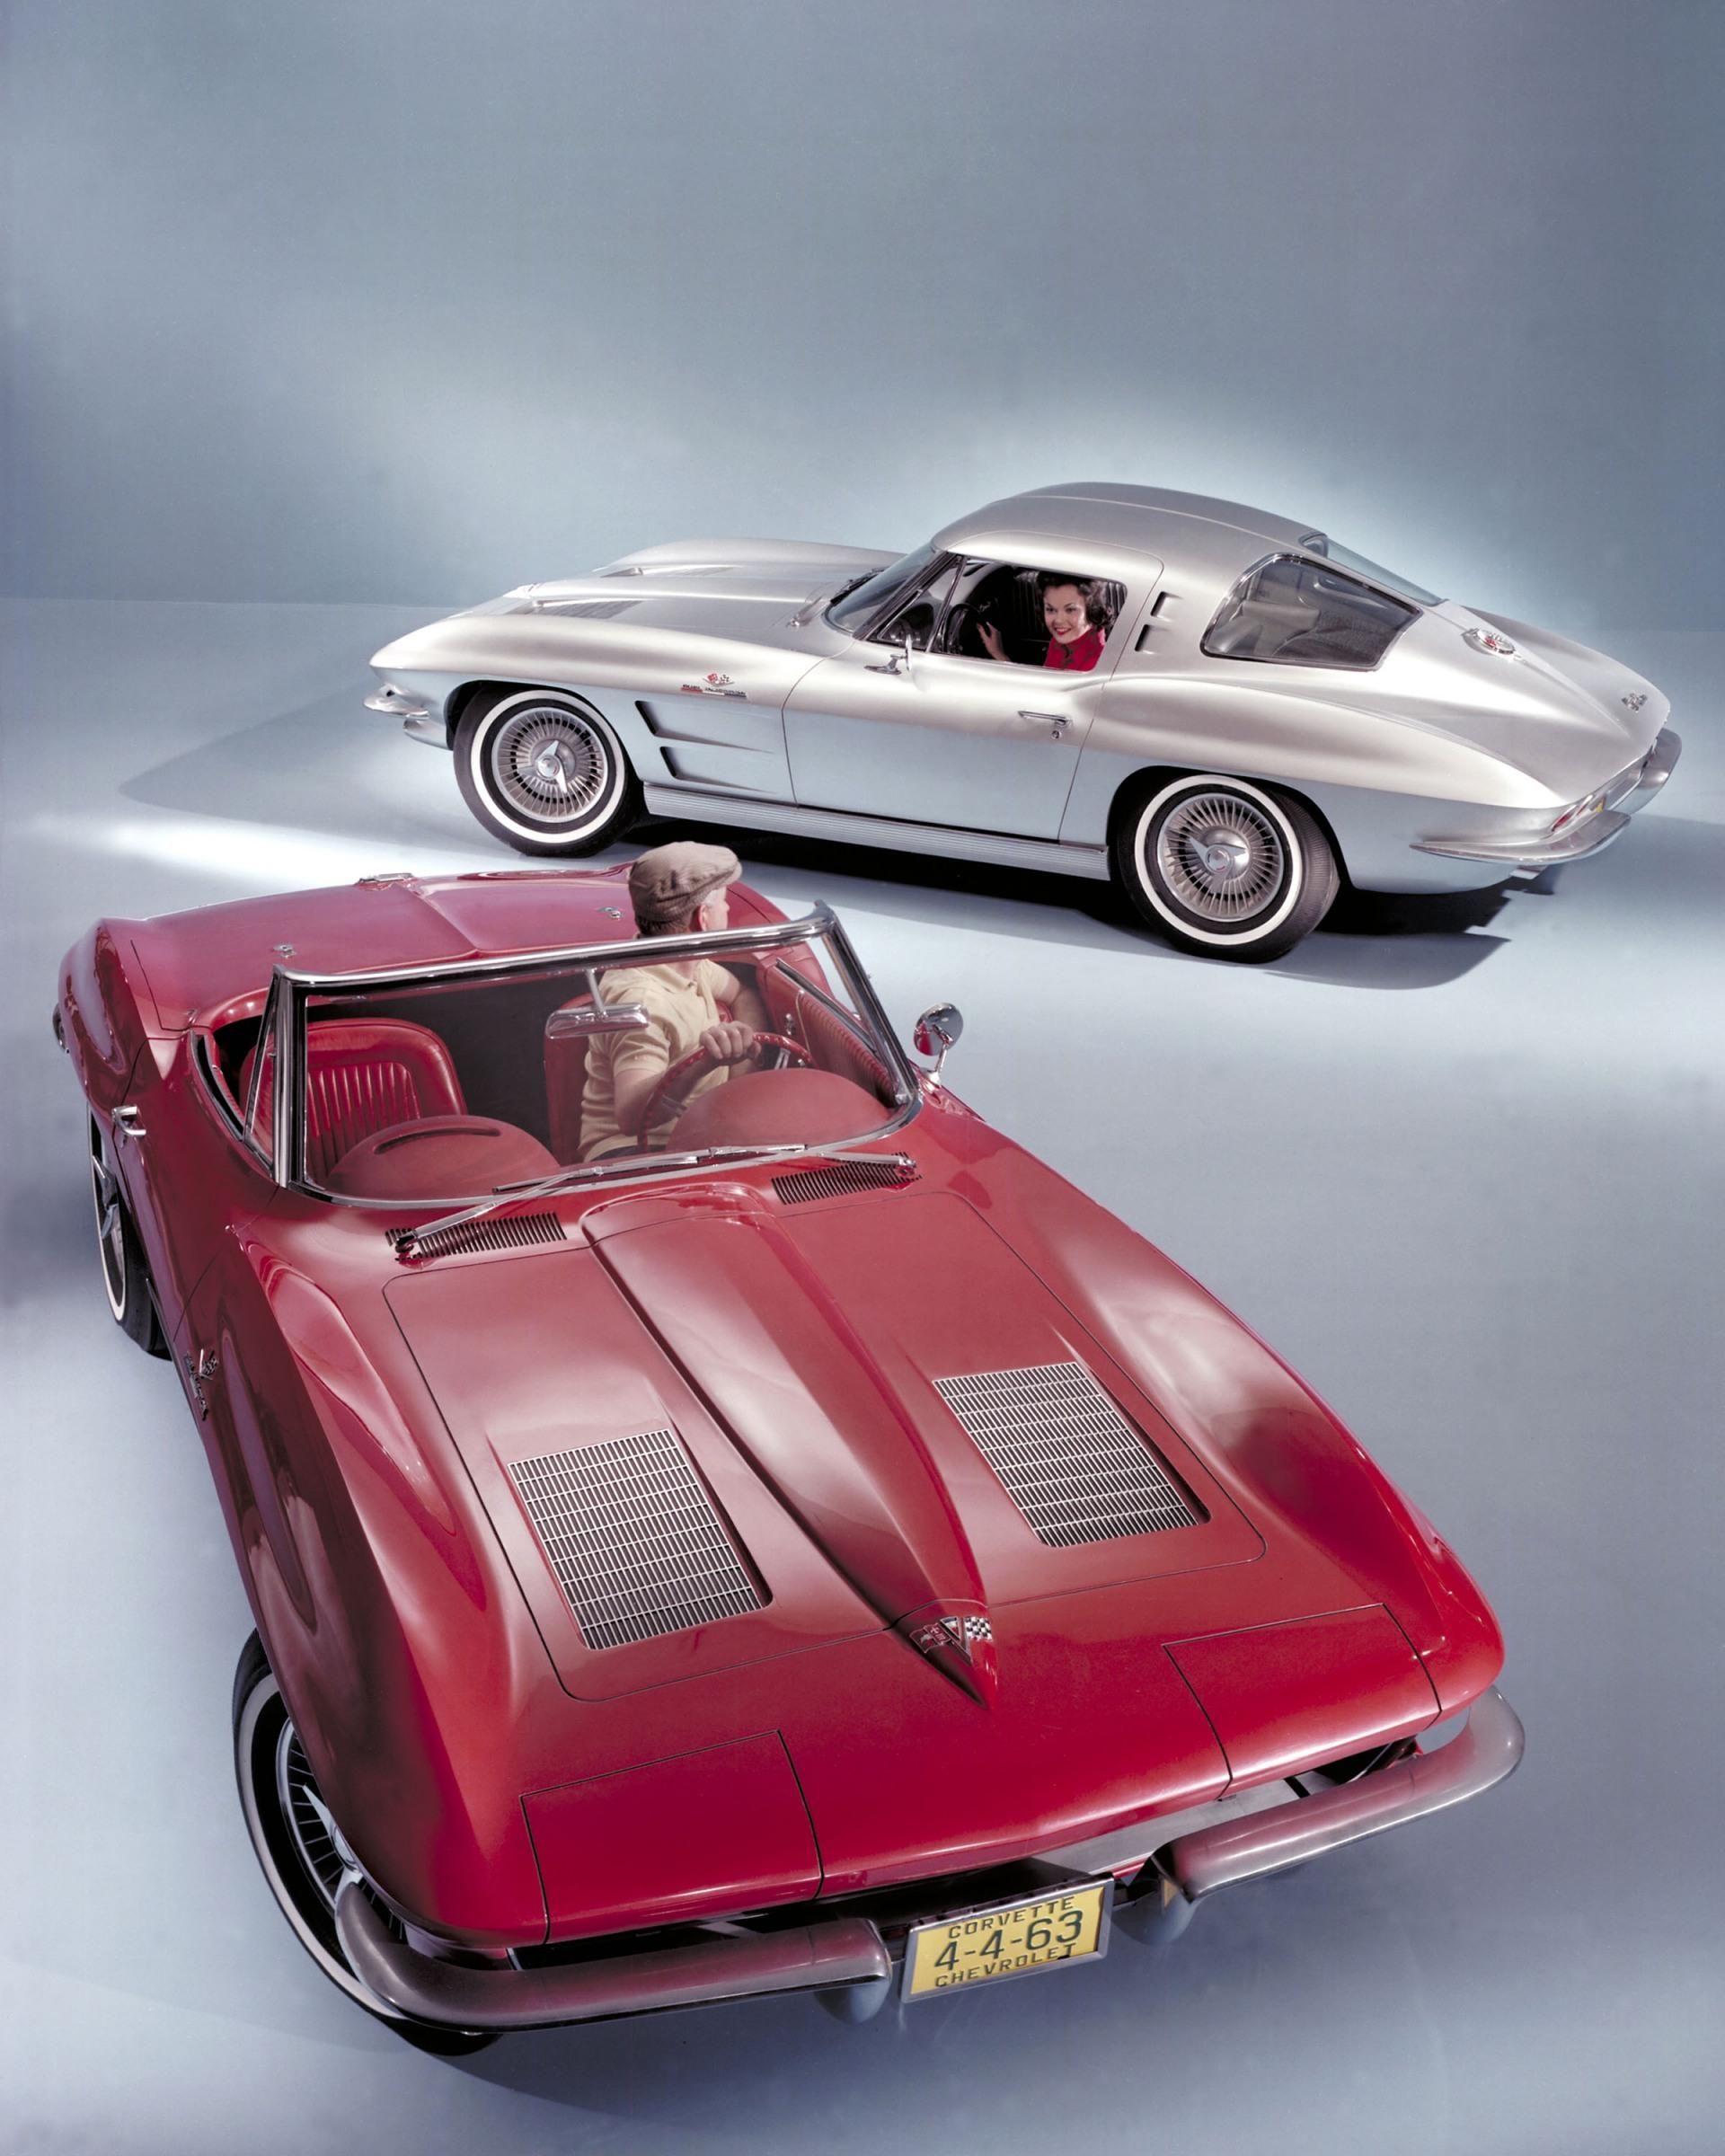 1963 Chevrolet Corvette s Vettes